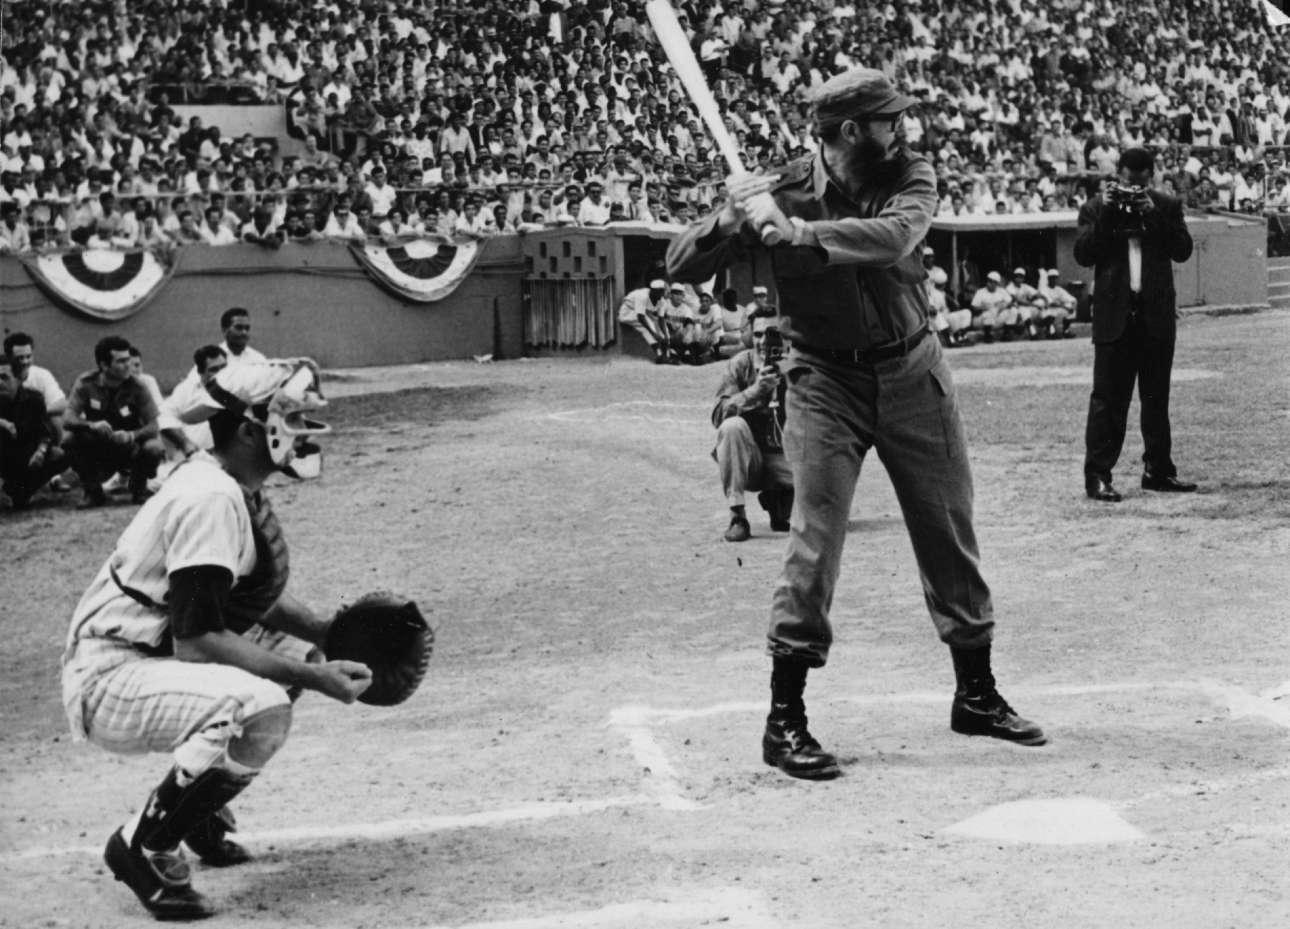 Παίζοντας μπέιζμπολ, ένα από τα πιο αγαπητά, αν όχι το πιο αγαπητό, αθλήματα στην Κούβα.